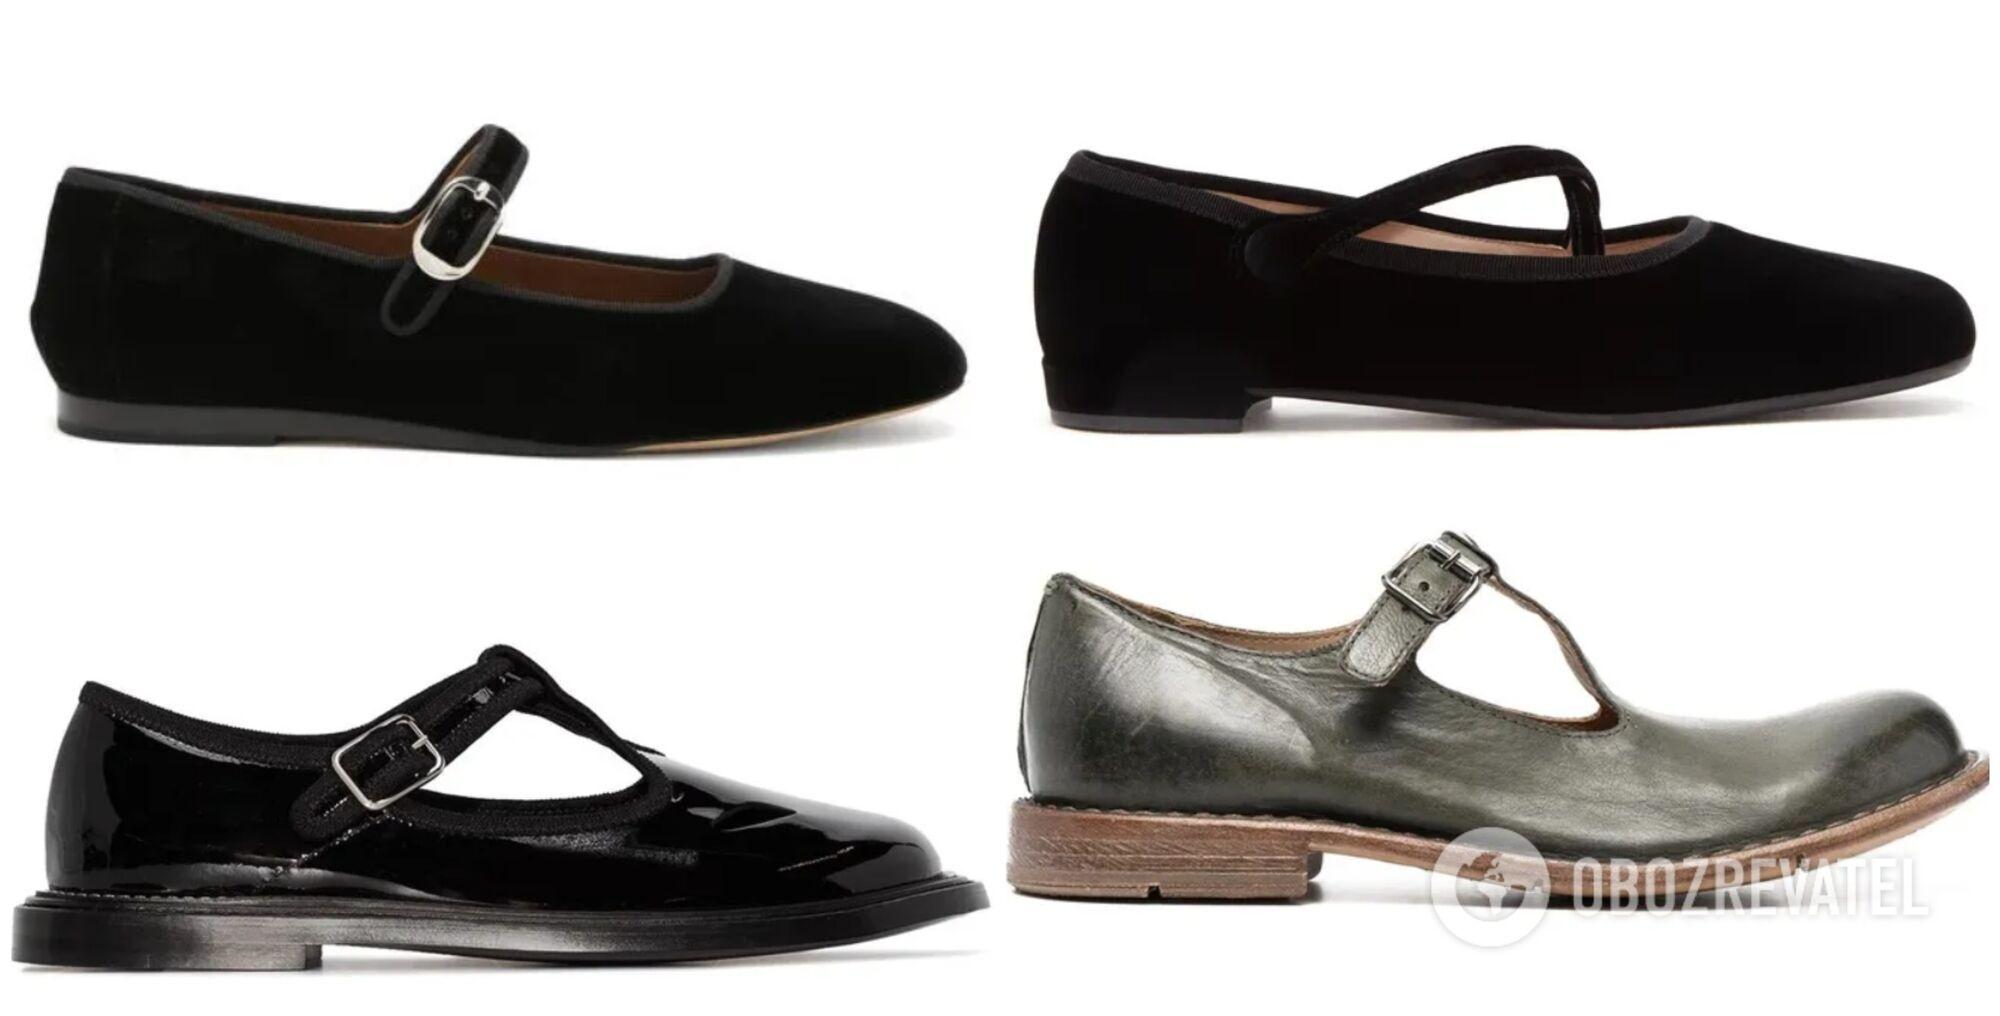 """Свои балетки """"мэри-джейн"""" также представили такие бренды как, Le Monde Beryl, Burberry, moma, Miu Miu и другие."""